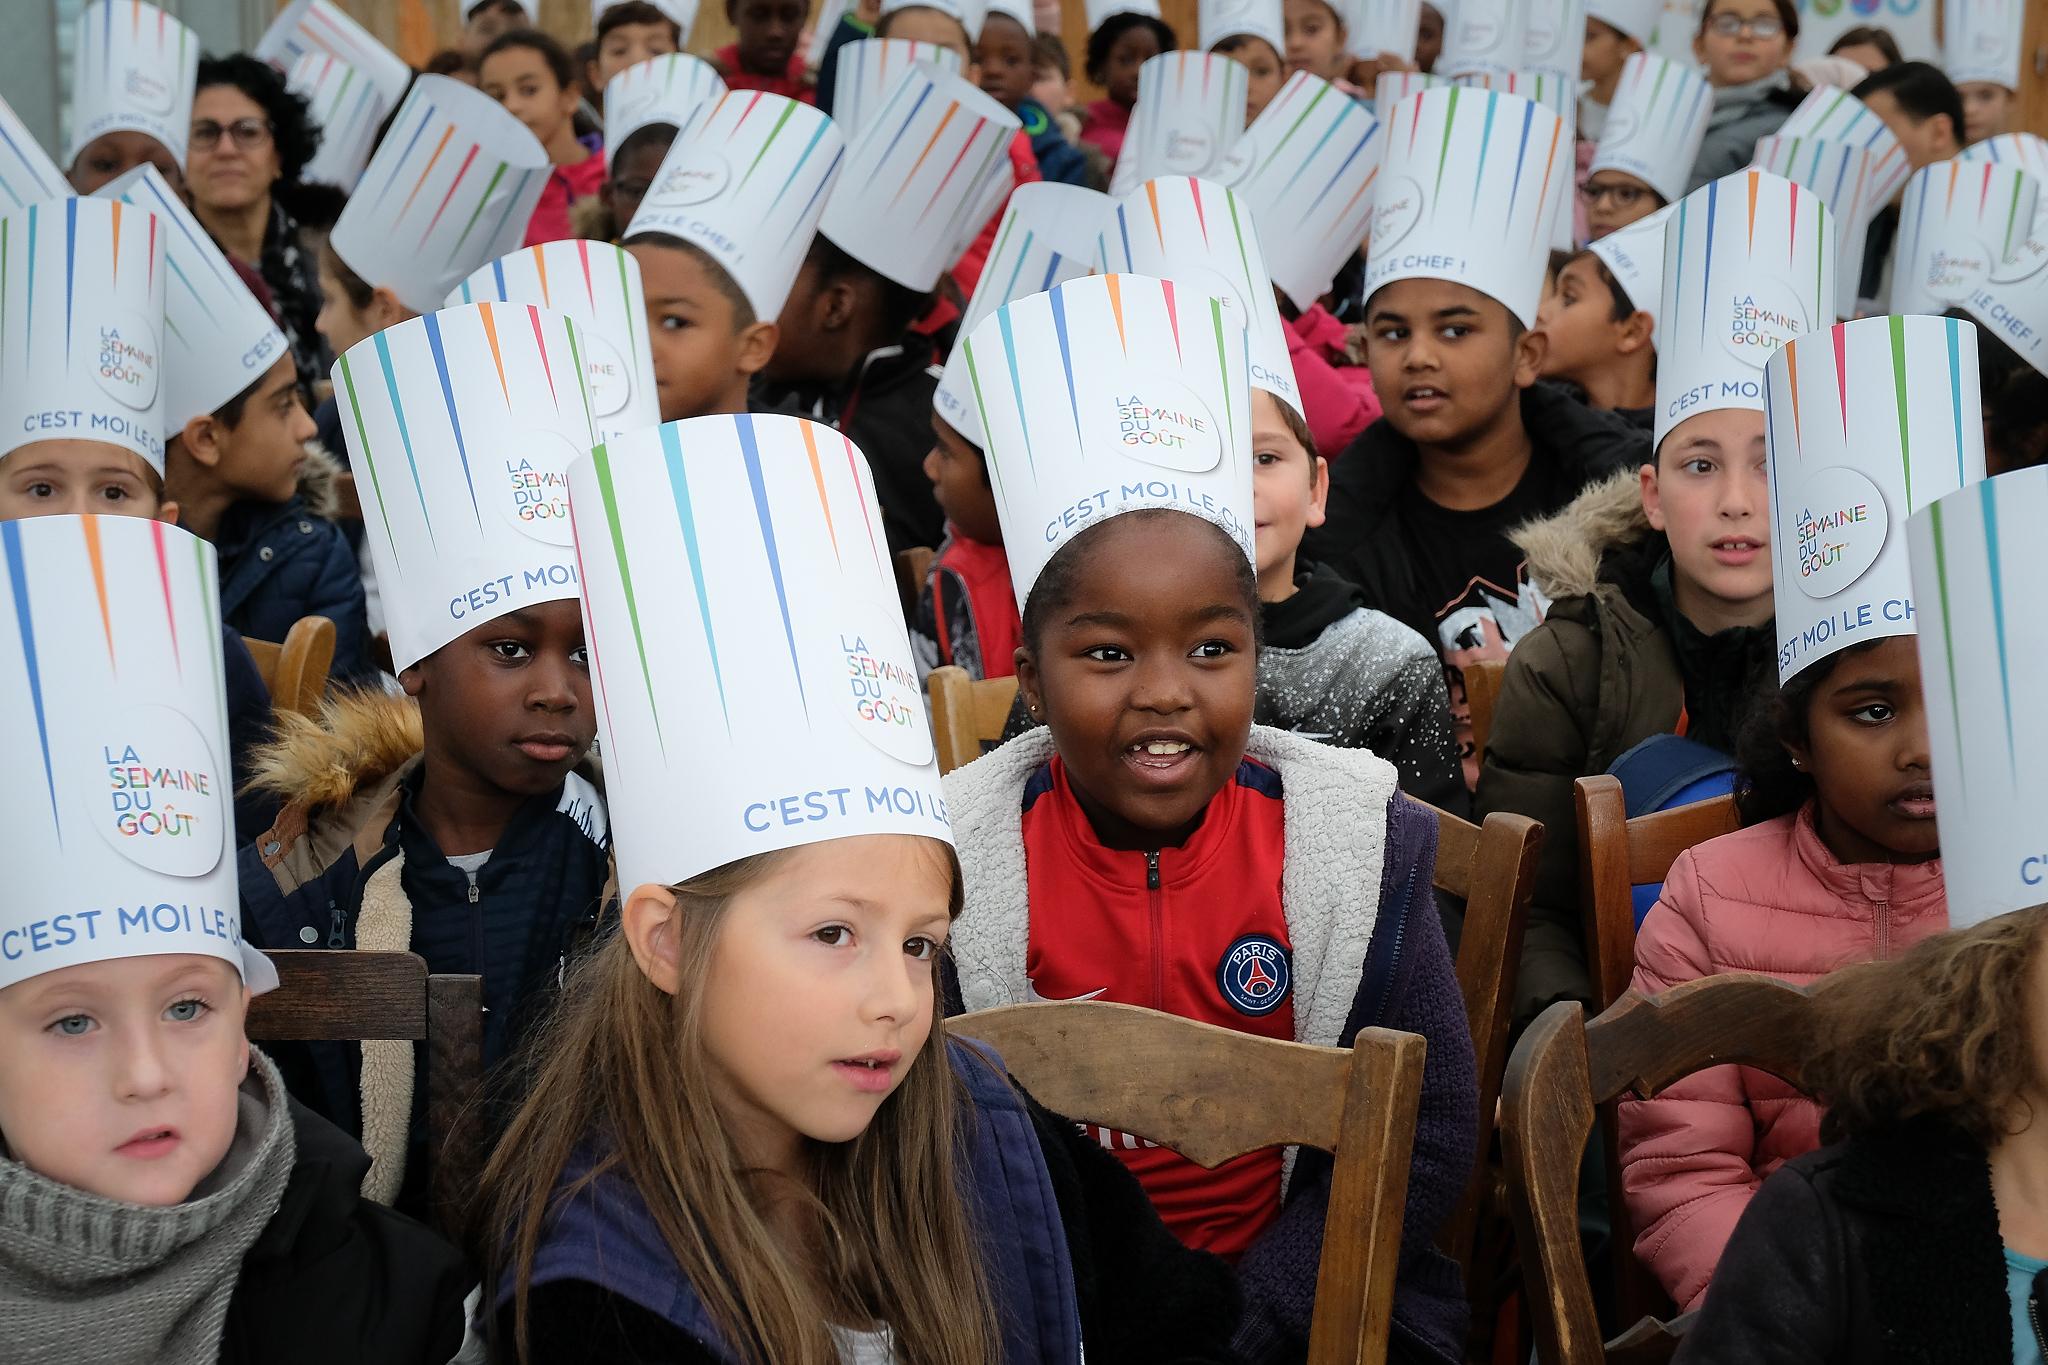 La Semaine Du Gout_Serre Pedagogique De Saint Ouen